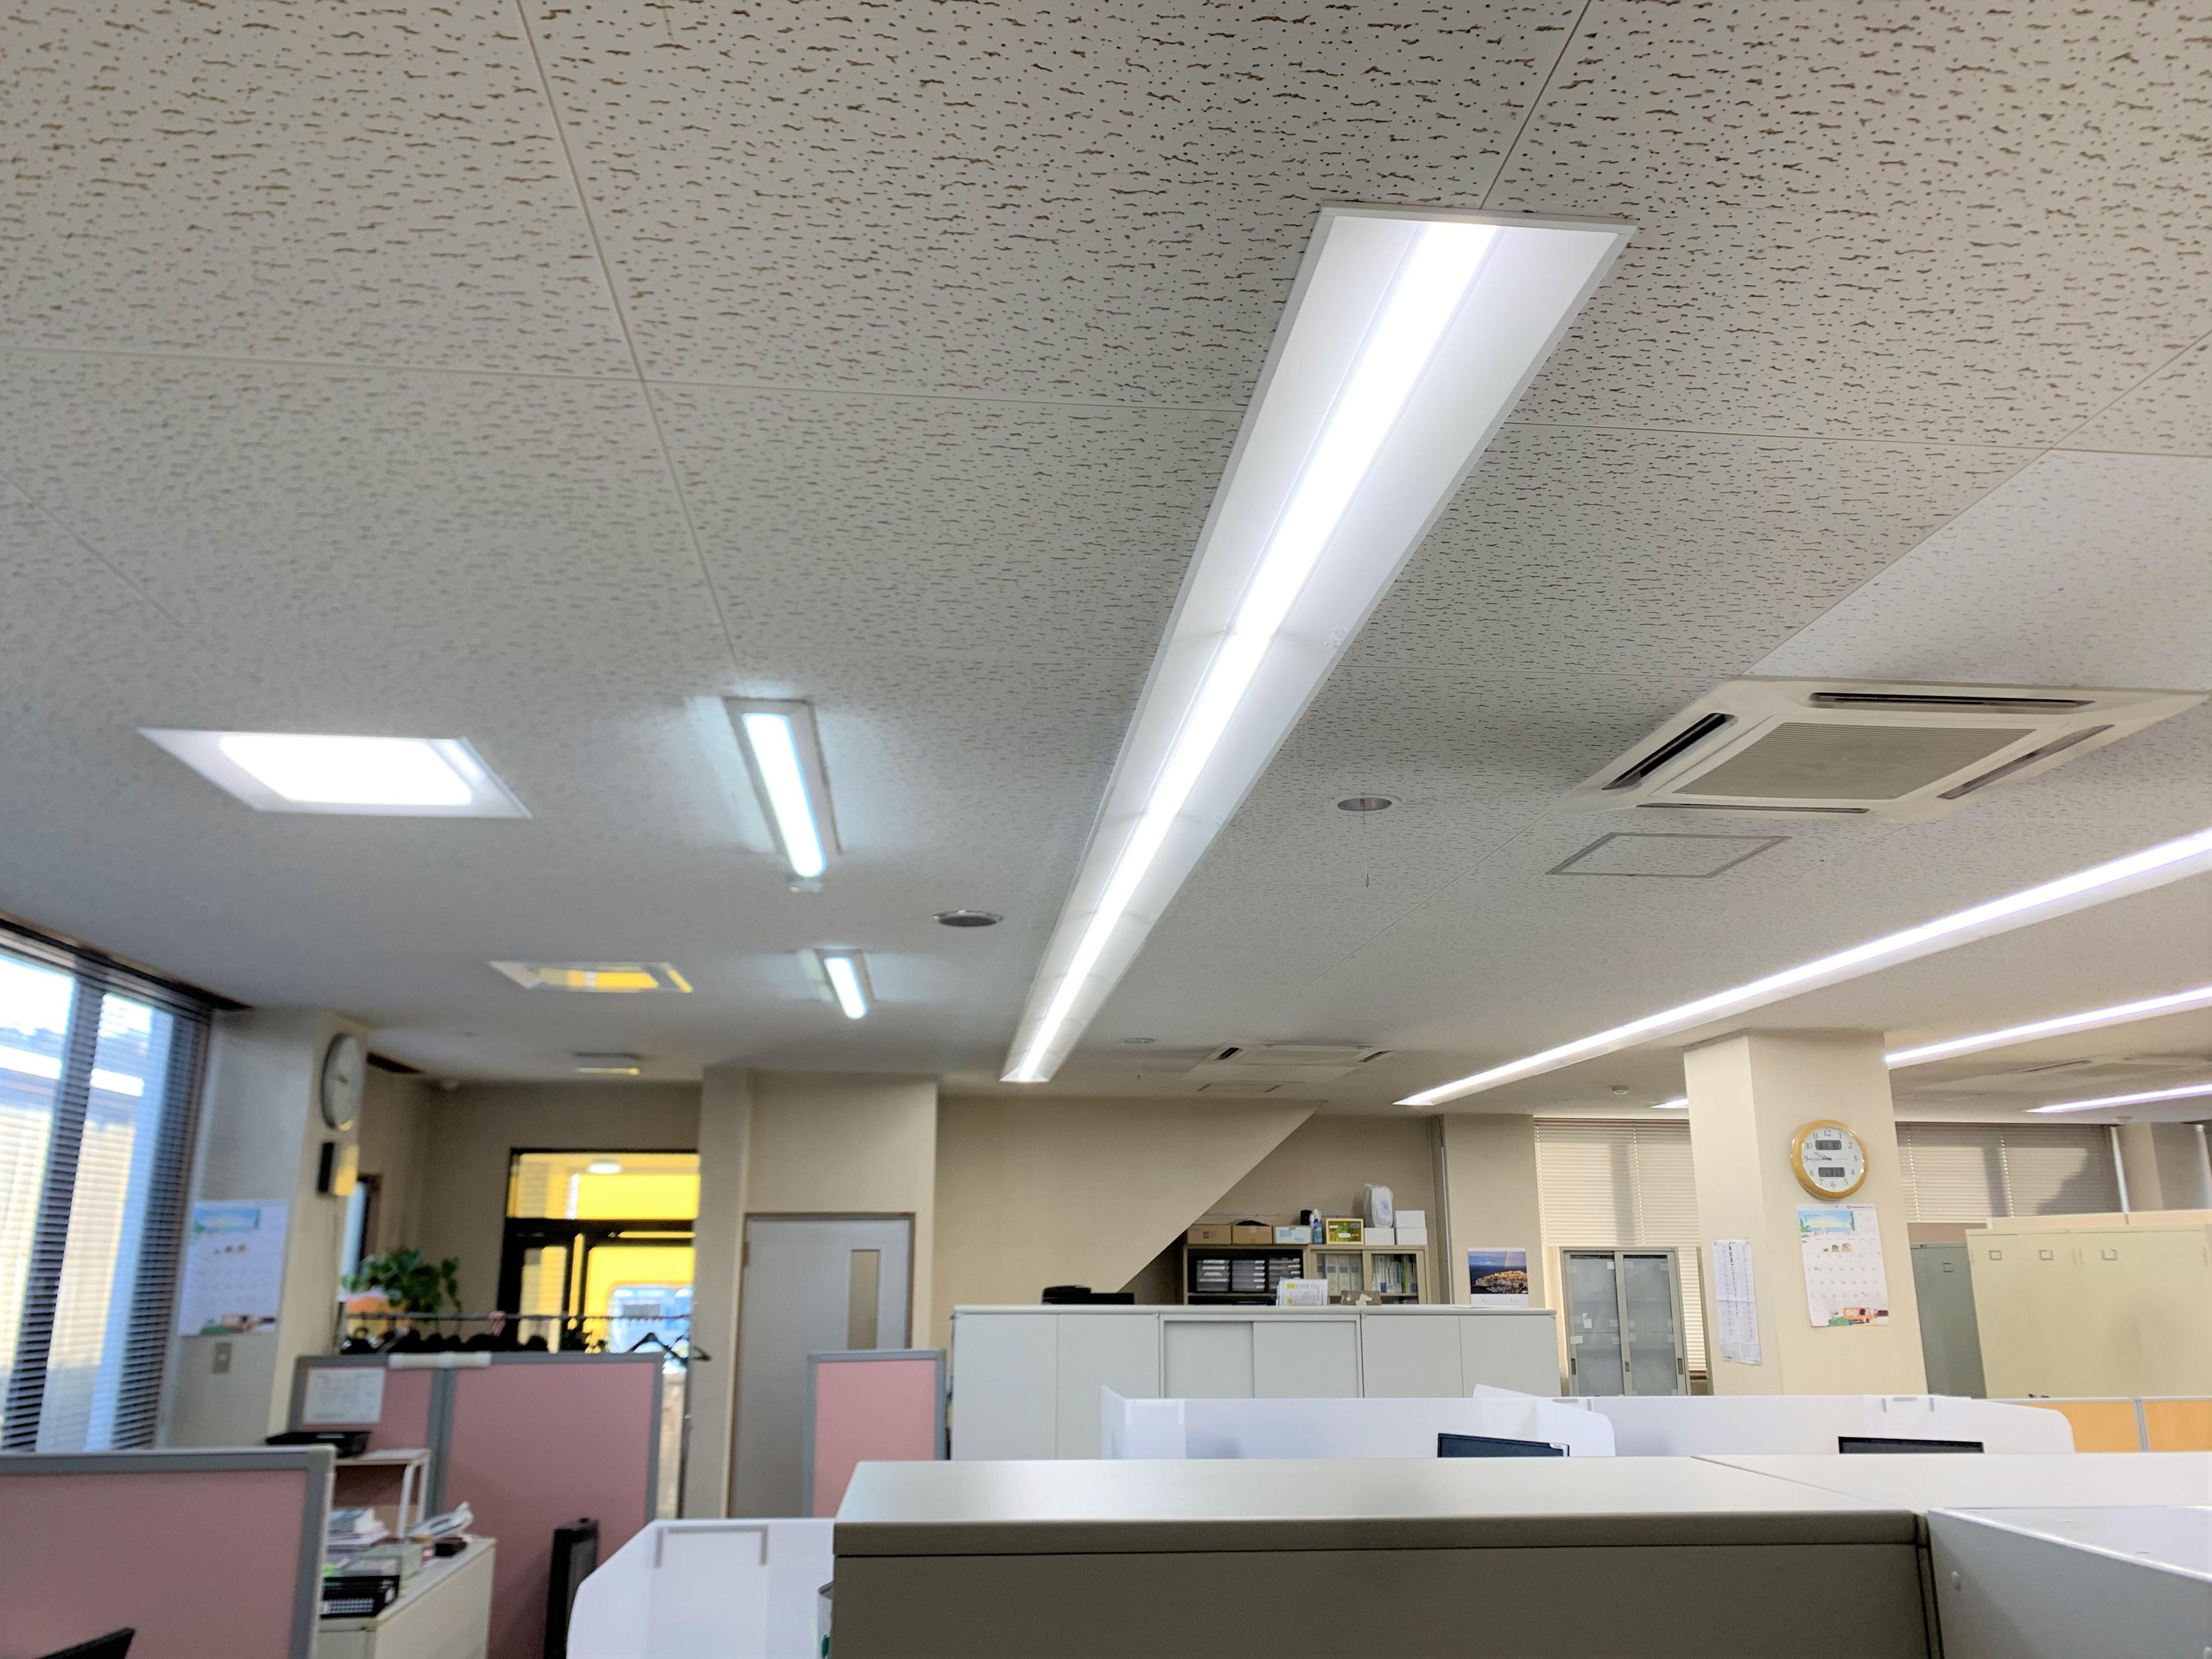 三菱ベースライト。色は、事務所に適した昼白色を選択しました